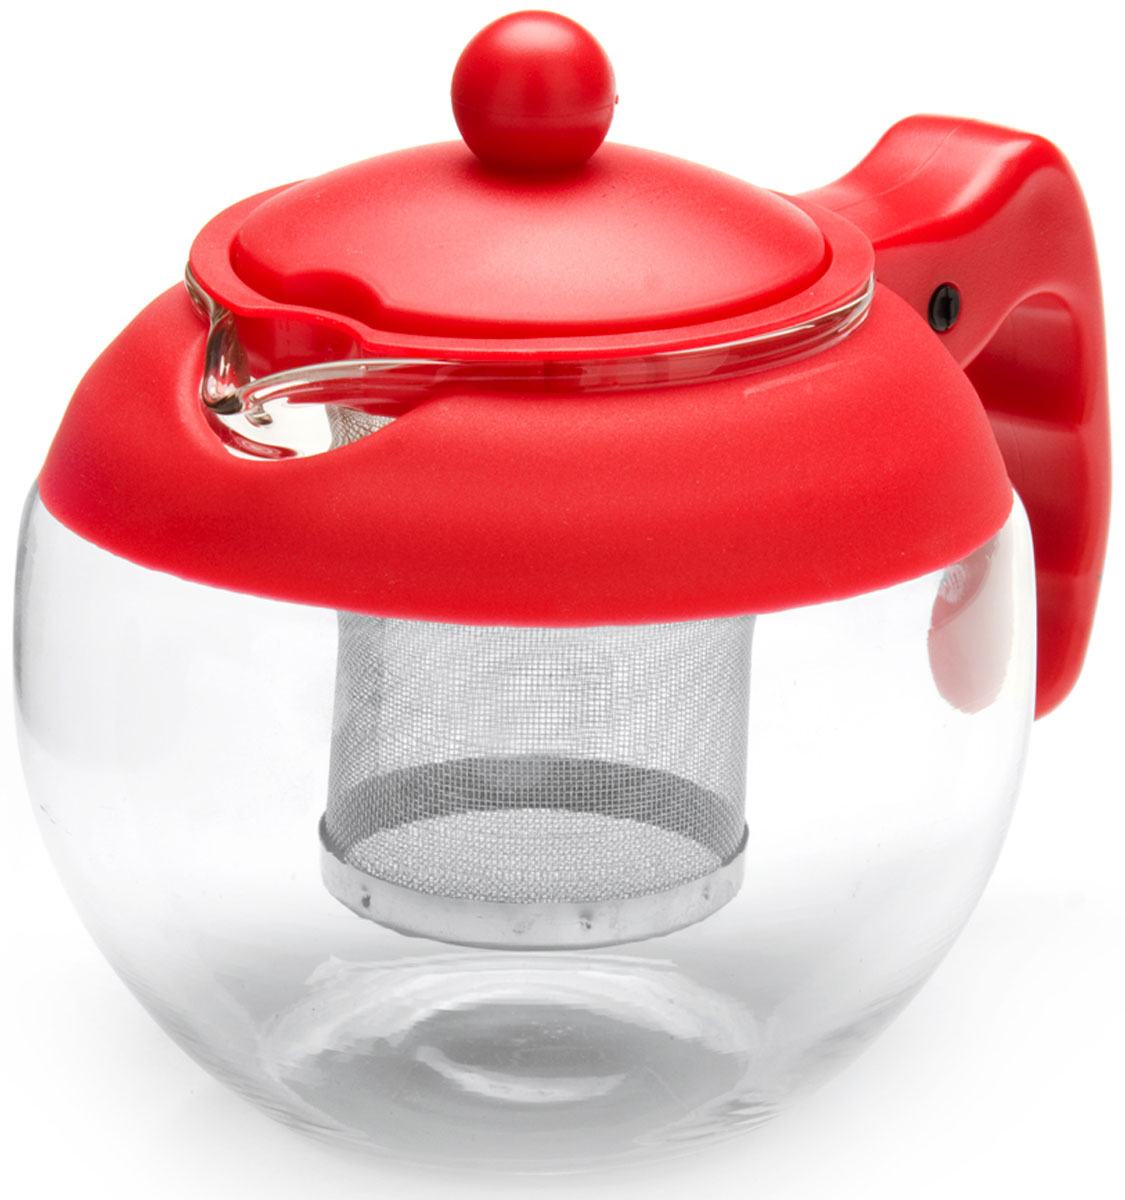 Чайник заварочный Mayer & Boch, с фильтром, цвет: красный, 750 мл. 26174-168/5/2Заварочный чайник Mayer & Boch изготовлен из термостойкого боросиликатного стекла, фильтр выполнен из нержавеющей стали. Изделия из стекла не впитывают запахи, благодаря чему вы всегда получите натуральный, насыщенный вкус и аромат напитков. Заварочный чайник из стекла удобно использовать для повседневного заваривания чая практически любого сорта. Но цветочные, фруктовые, красные и желтые сорта чая лучше других раскрывают свой вкус и аромат при заваривании именно в стеклянных чайниках, а также сохраняют все полезные ферменты и витамины, содержащиеся в чайных листах. Стальной фильтр гарантирует прозрачность и чистоту напитка от чайных листьев, при этом сохранив букет и насыщенность чая.Прозрачные стенки чайника дают возможность насладиться насыщенным цветом заваренного чая. Изящный заварочный чайник Mayer & Boch будет прекрасно смотреться в любом интерьере. Подходит для мытья в посудомоечной машине.